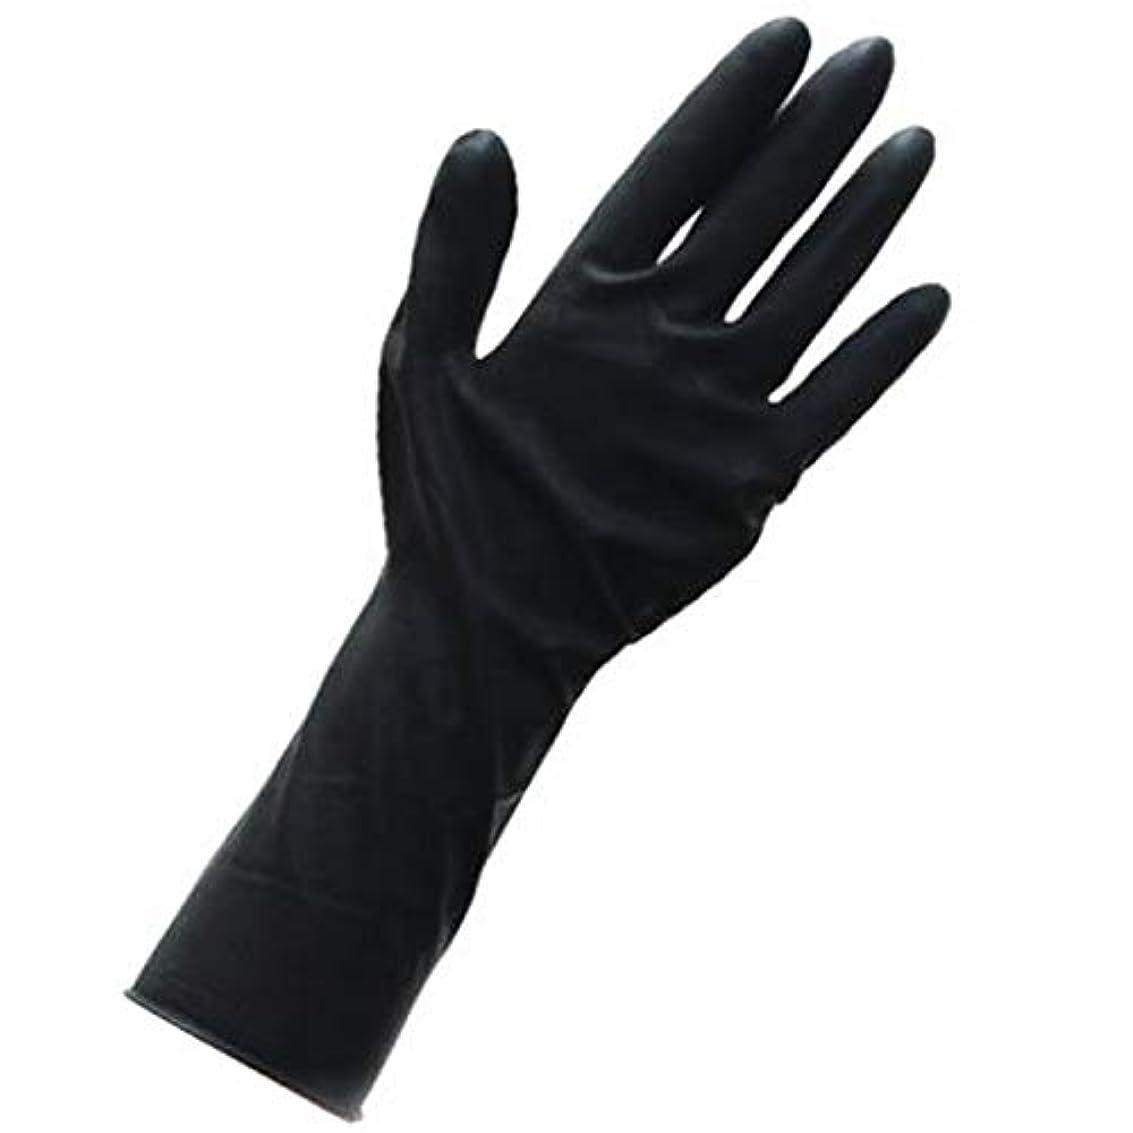 出します実現可能温度オカモト ブラックグローブ 20枚